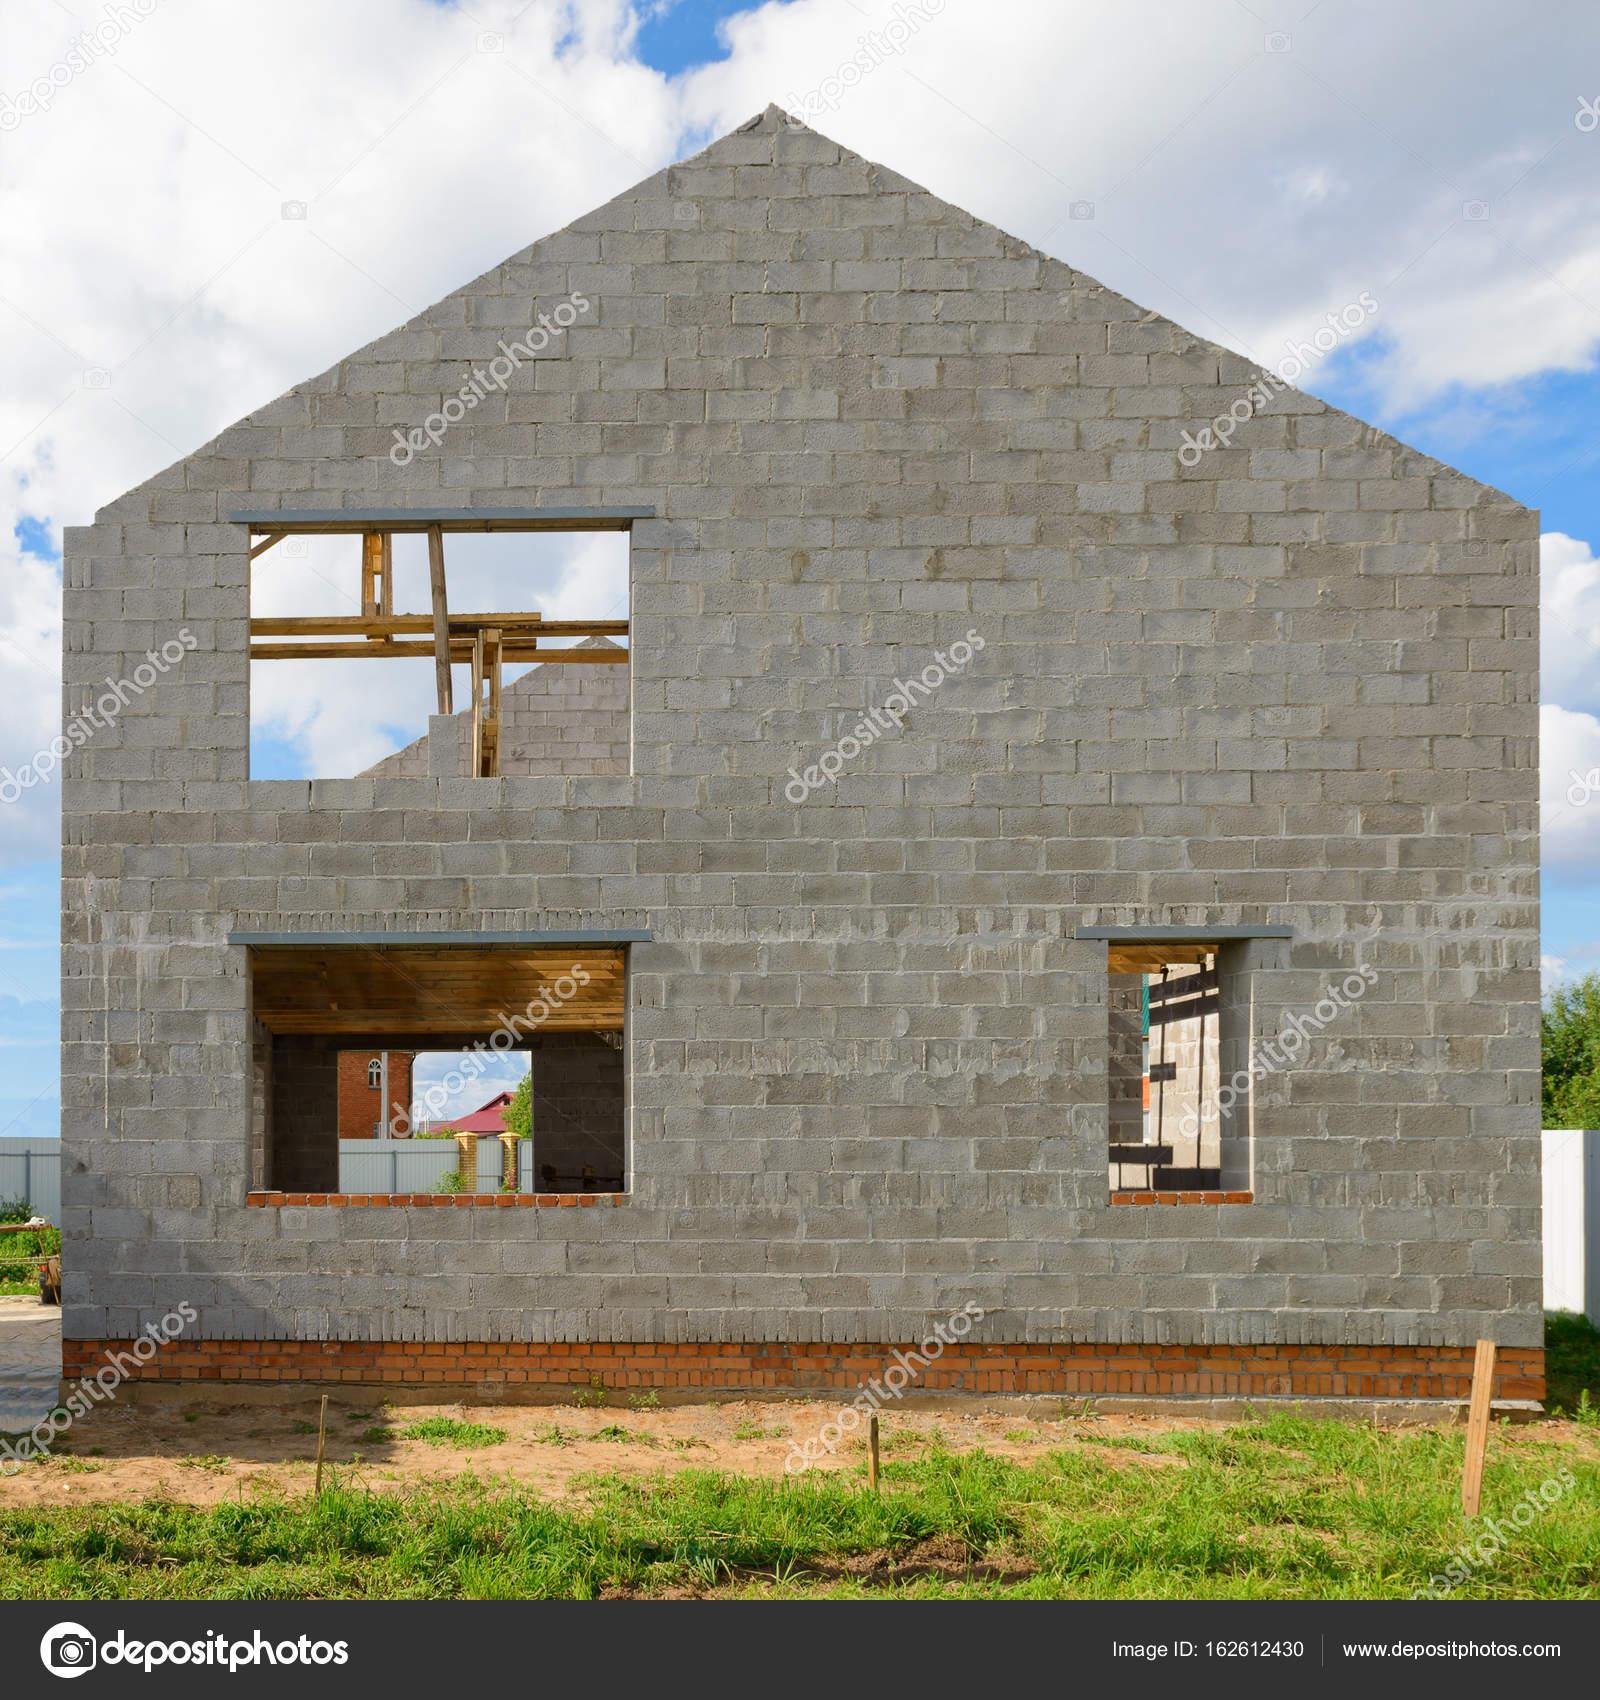 El marco de una nueva casa de bloques y ladrillos — Foto de stock ...